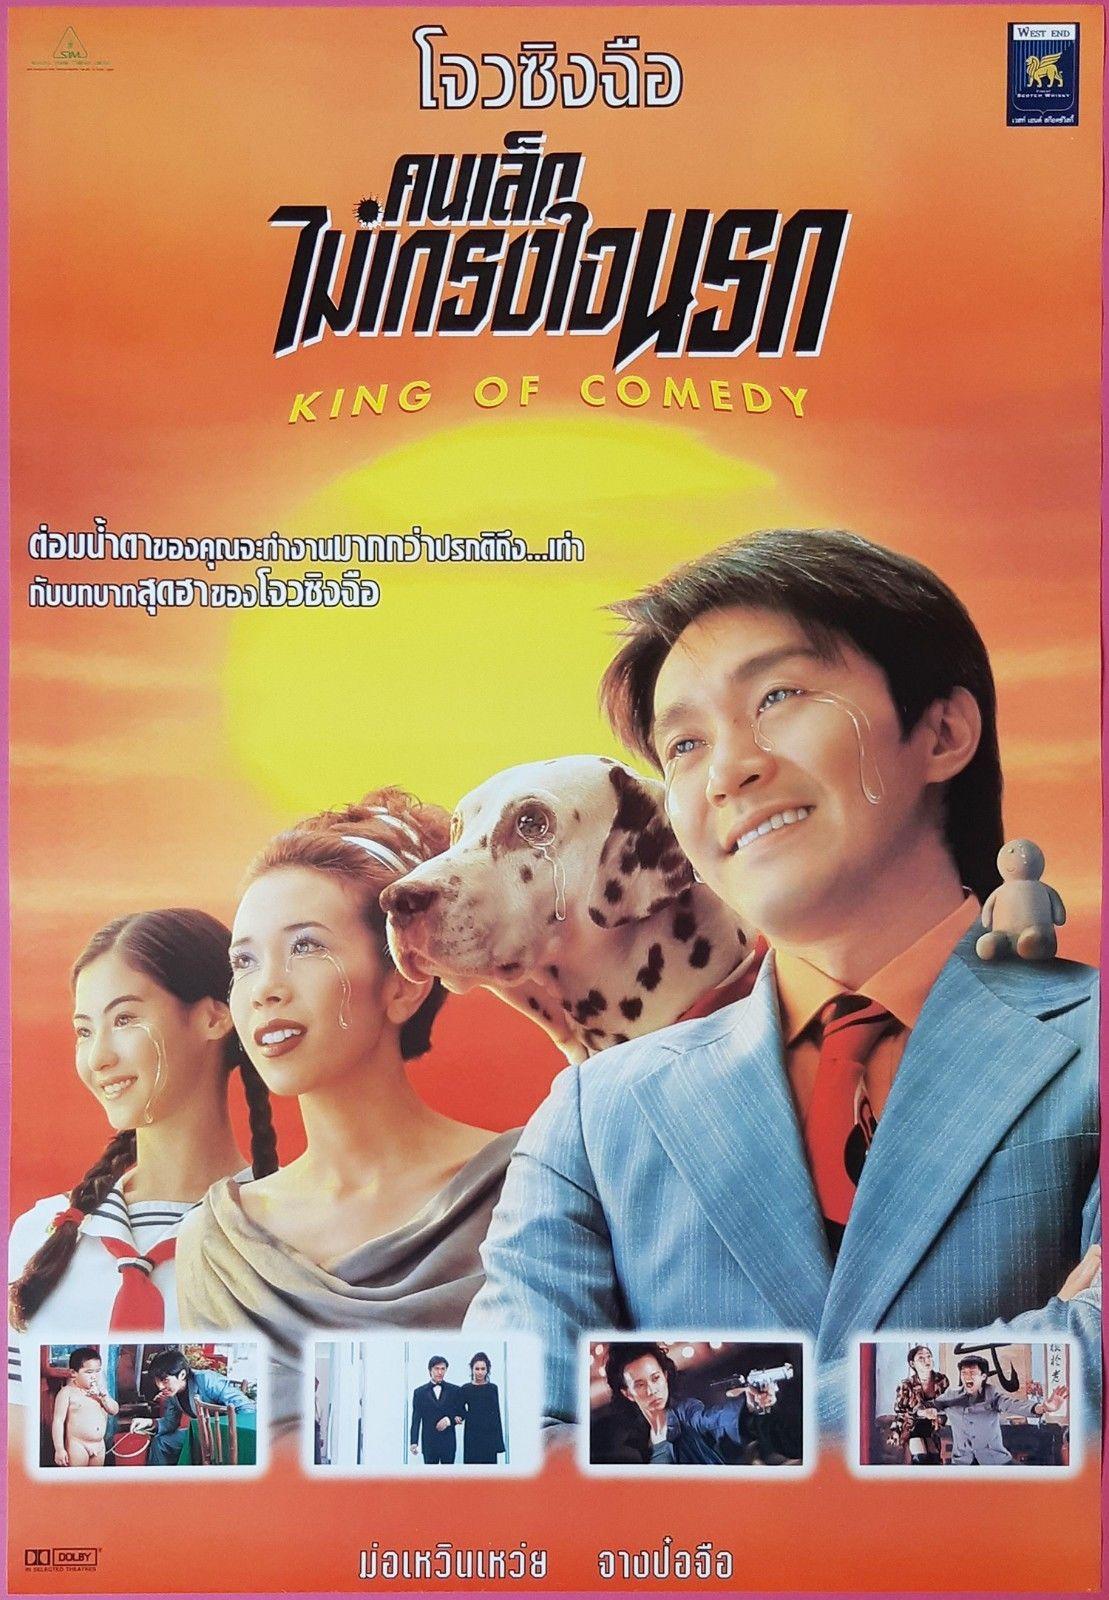 Hài] King of Comedy 1999 1080i HDTV DD5.1 H264-HDJ~USLT ~ Vua Hài Kịch |  HDVietnam - Hơn cả đam mê